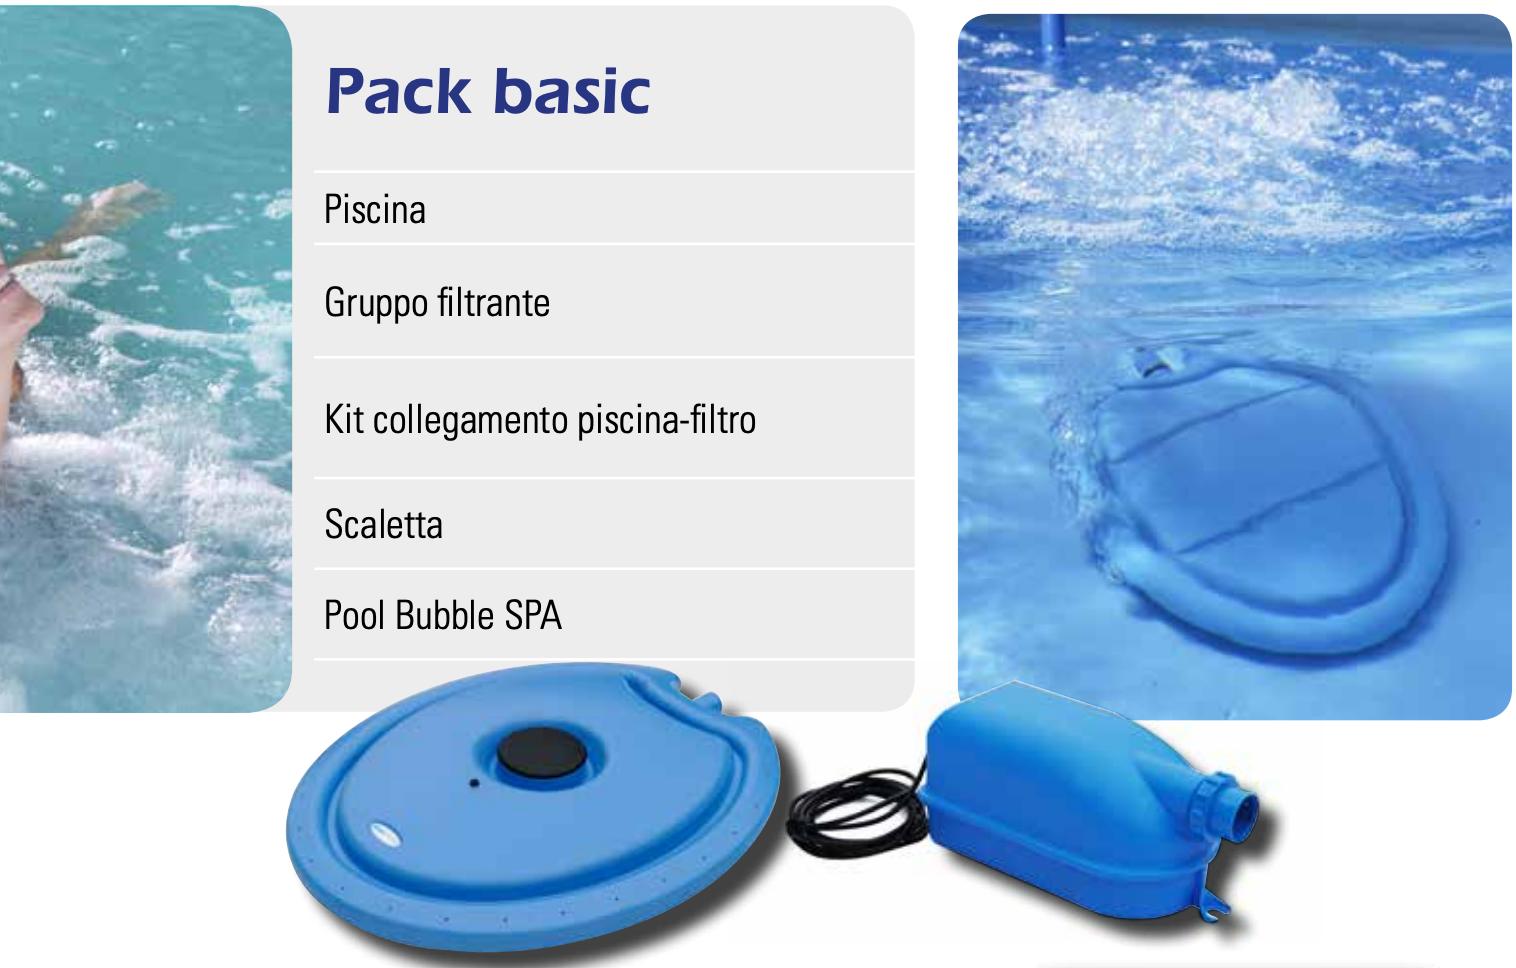 pack-basic-pool&spa